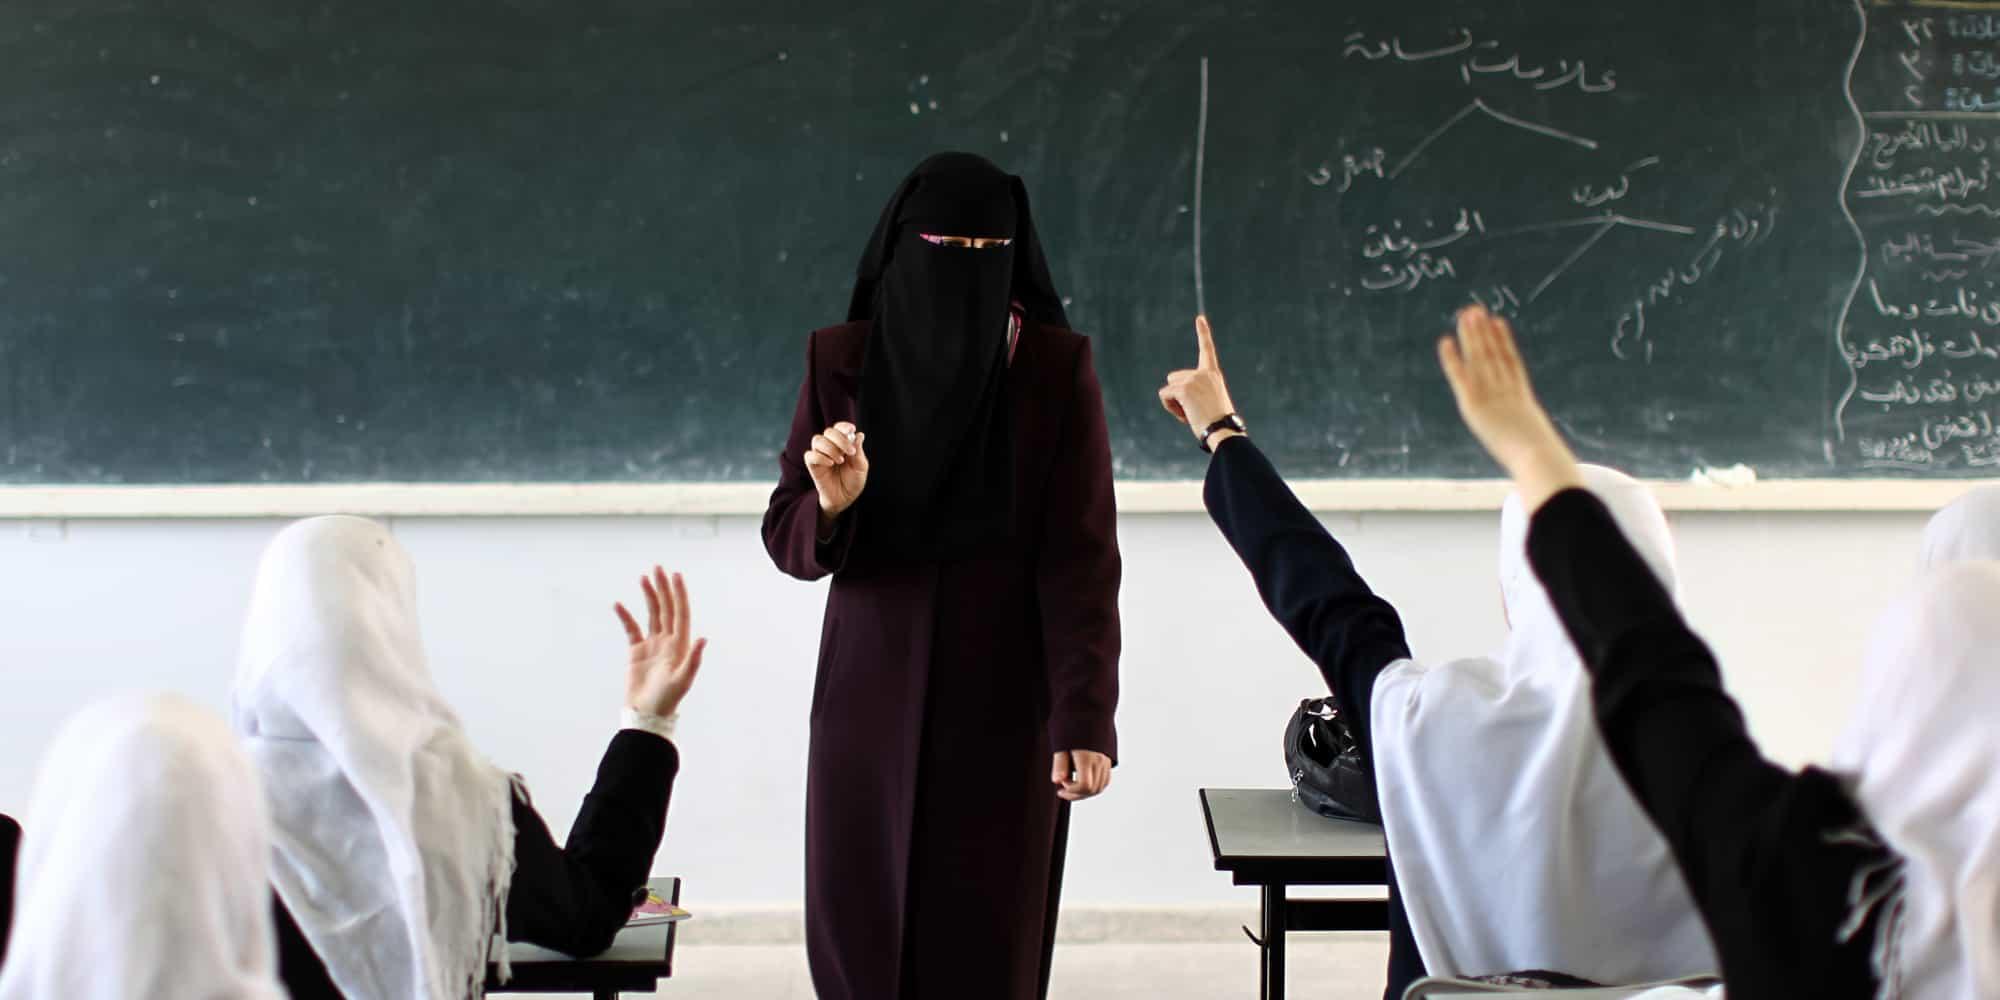 وظائف شاغرة للمعلمين فى السعودية